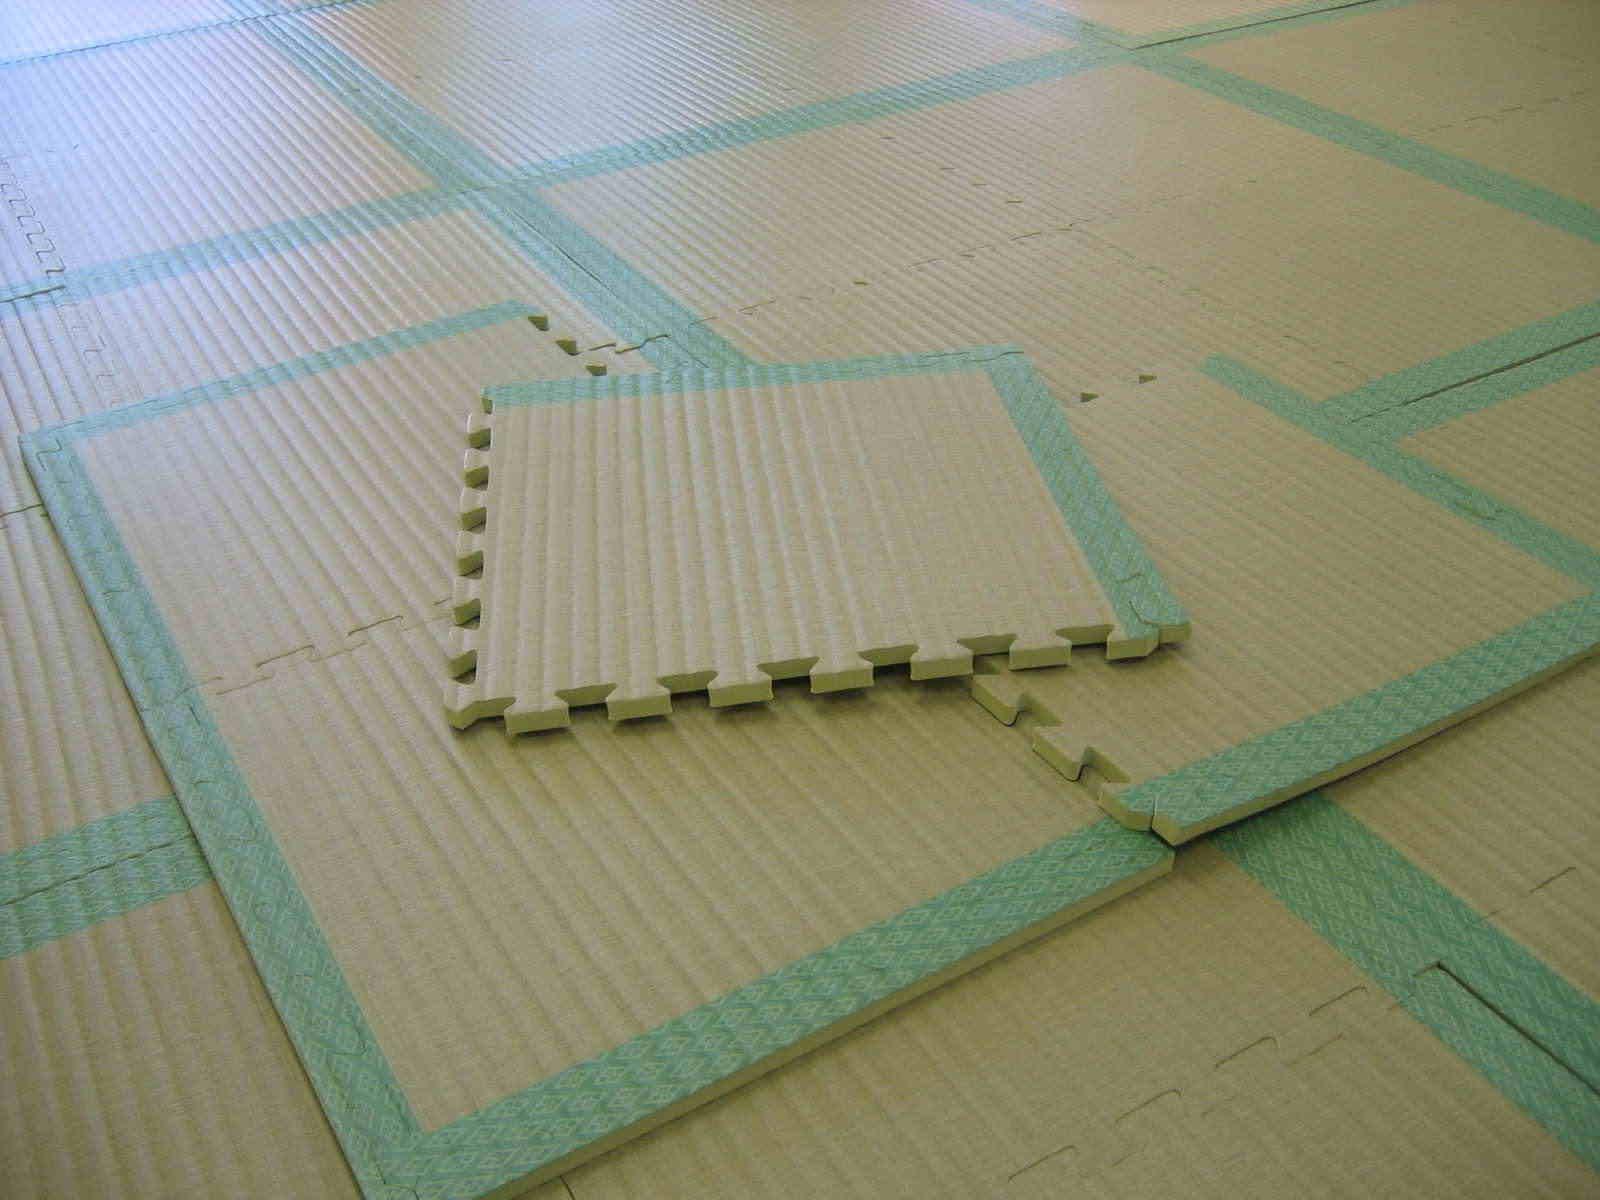 wid mat prod puzzle p mats qlt hei soft infant foam s piece infantino